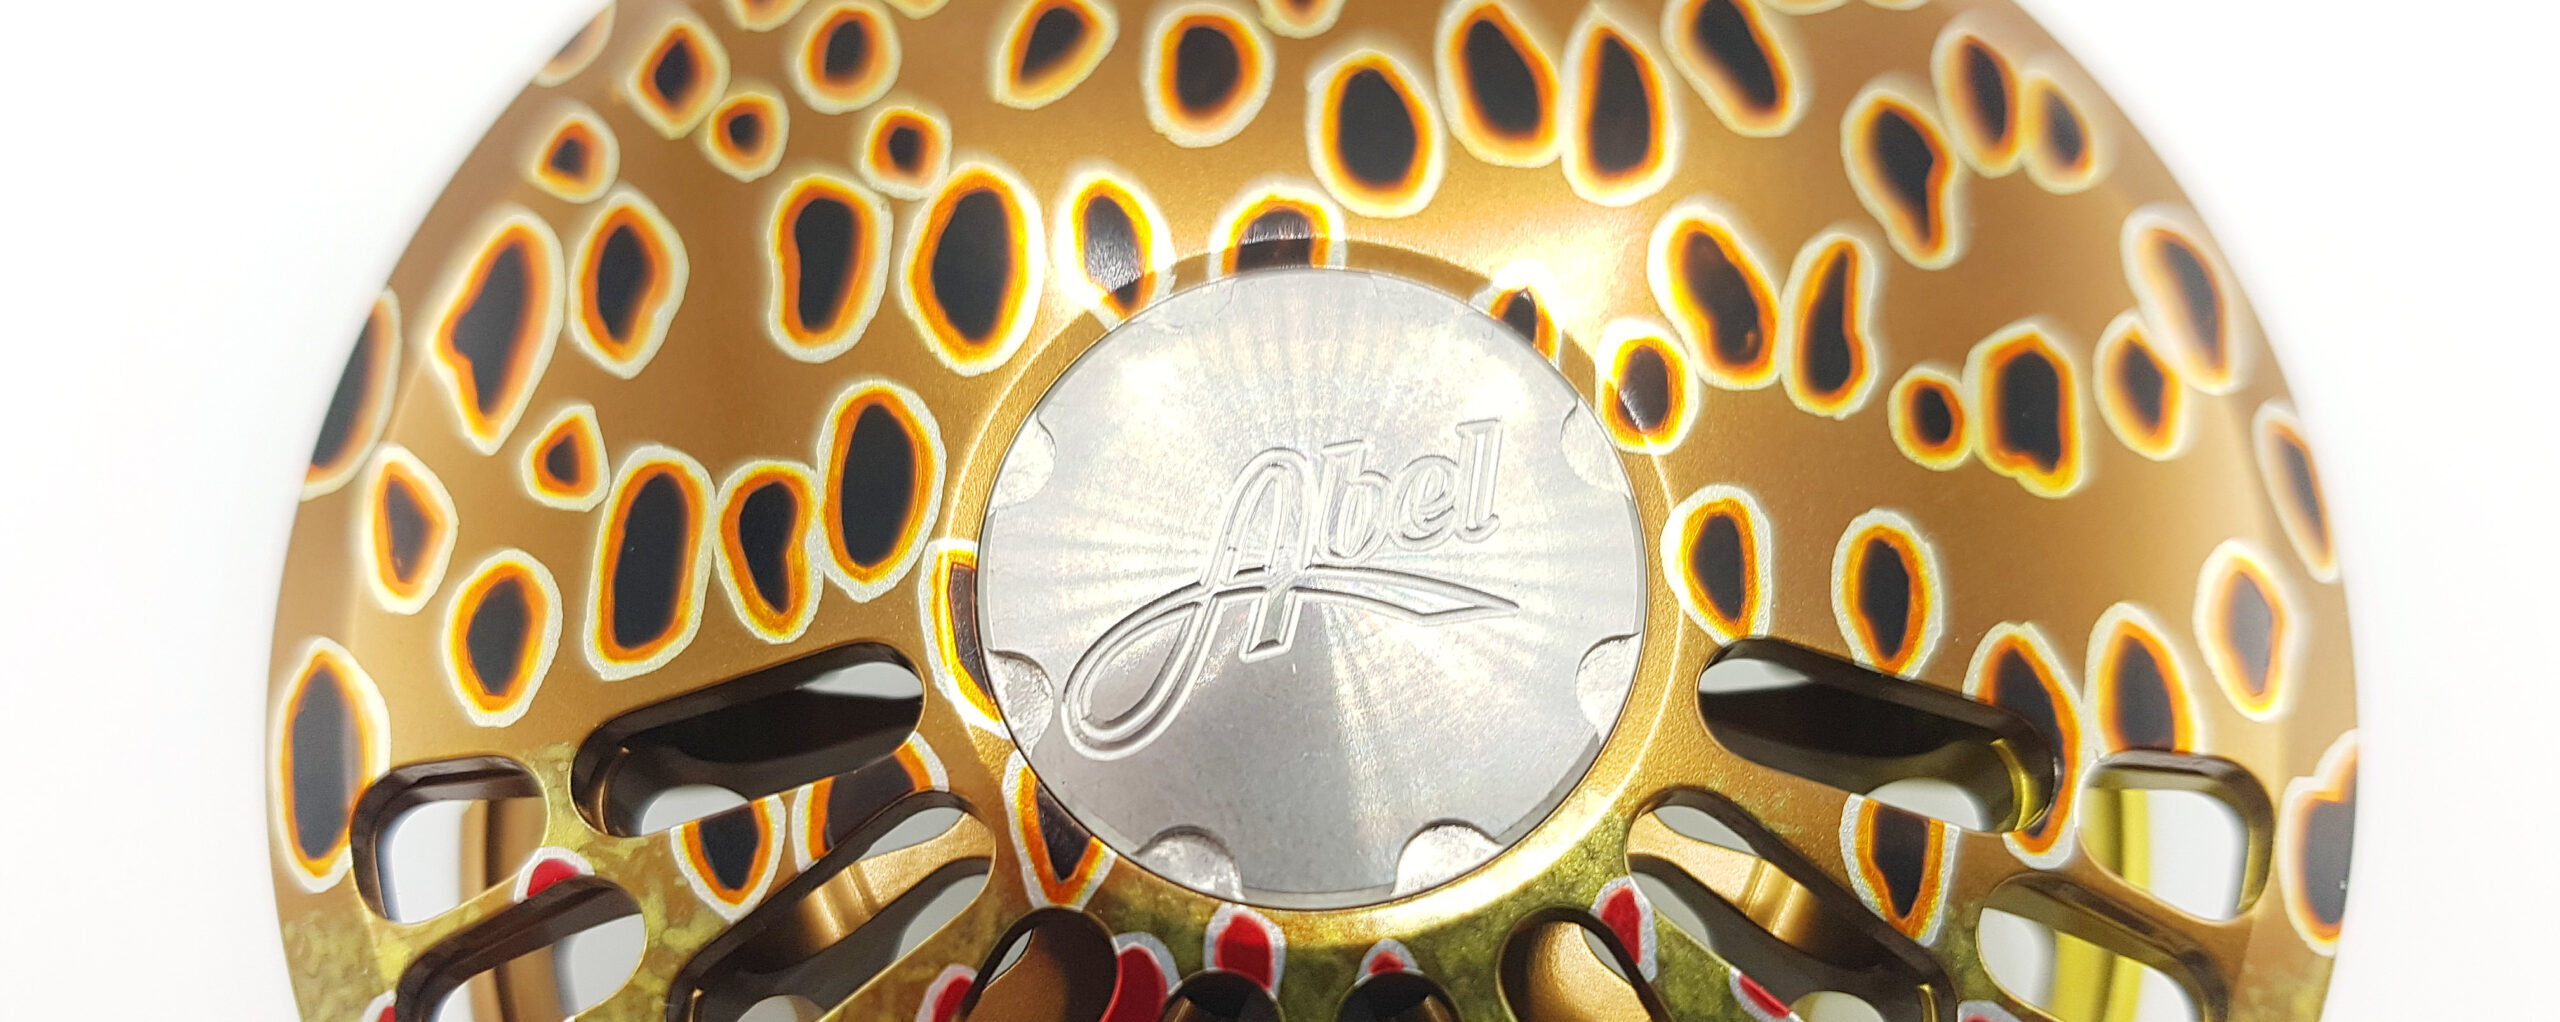 En af de helt unikke ting ved fluehjulene fra Abel er de håndlavede bemalinger på hjulene, der indebærer at hvert eneste hjul er forskelligt.